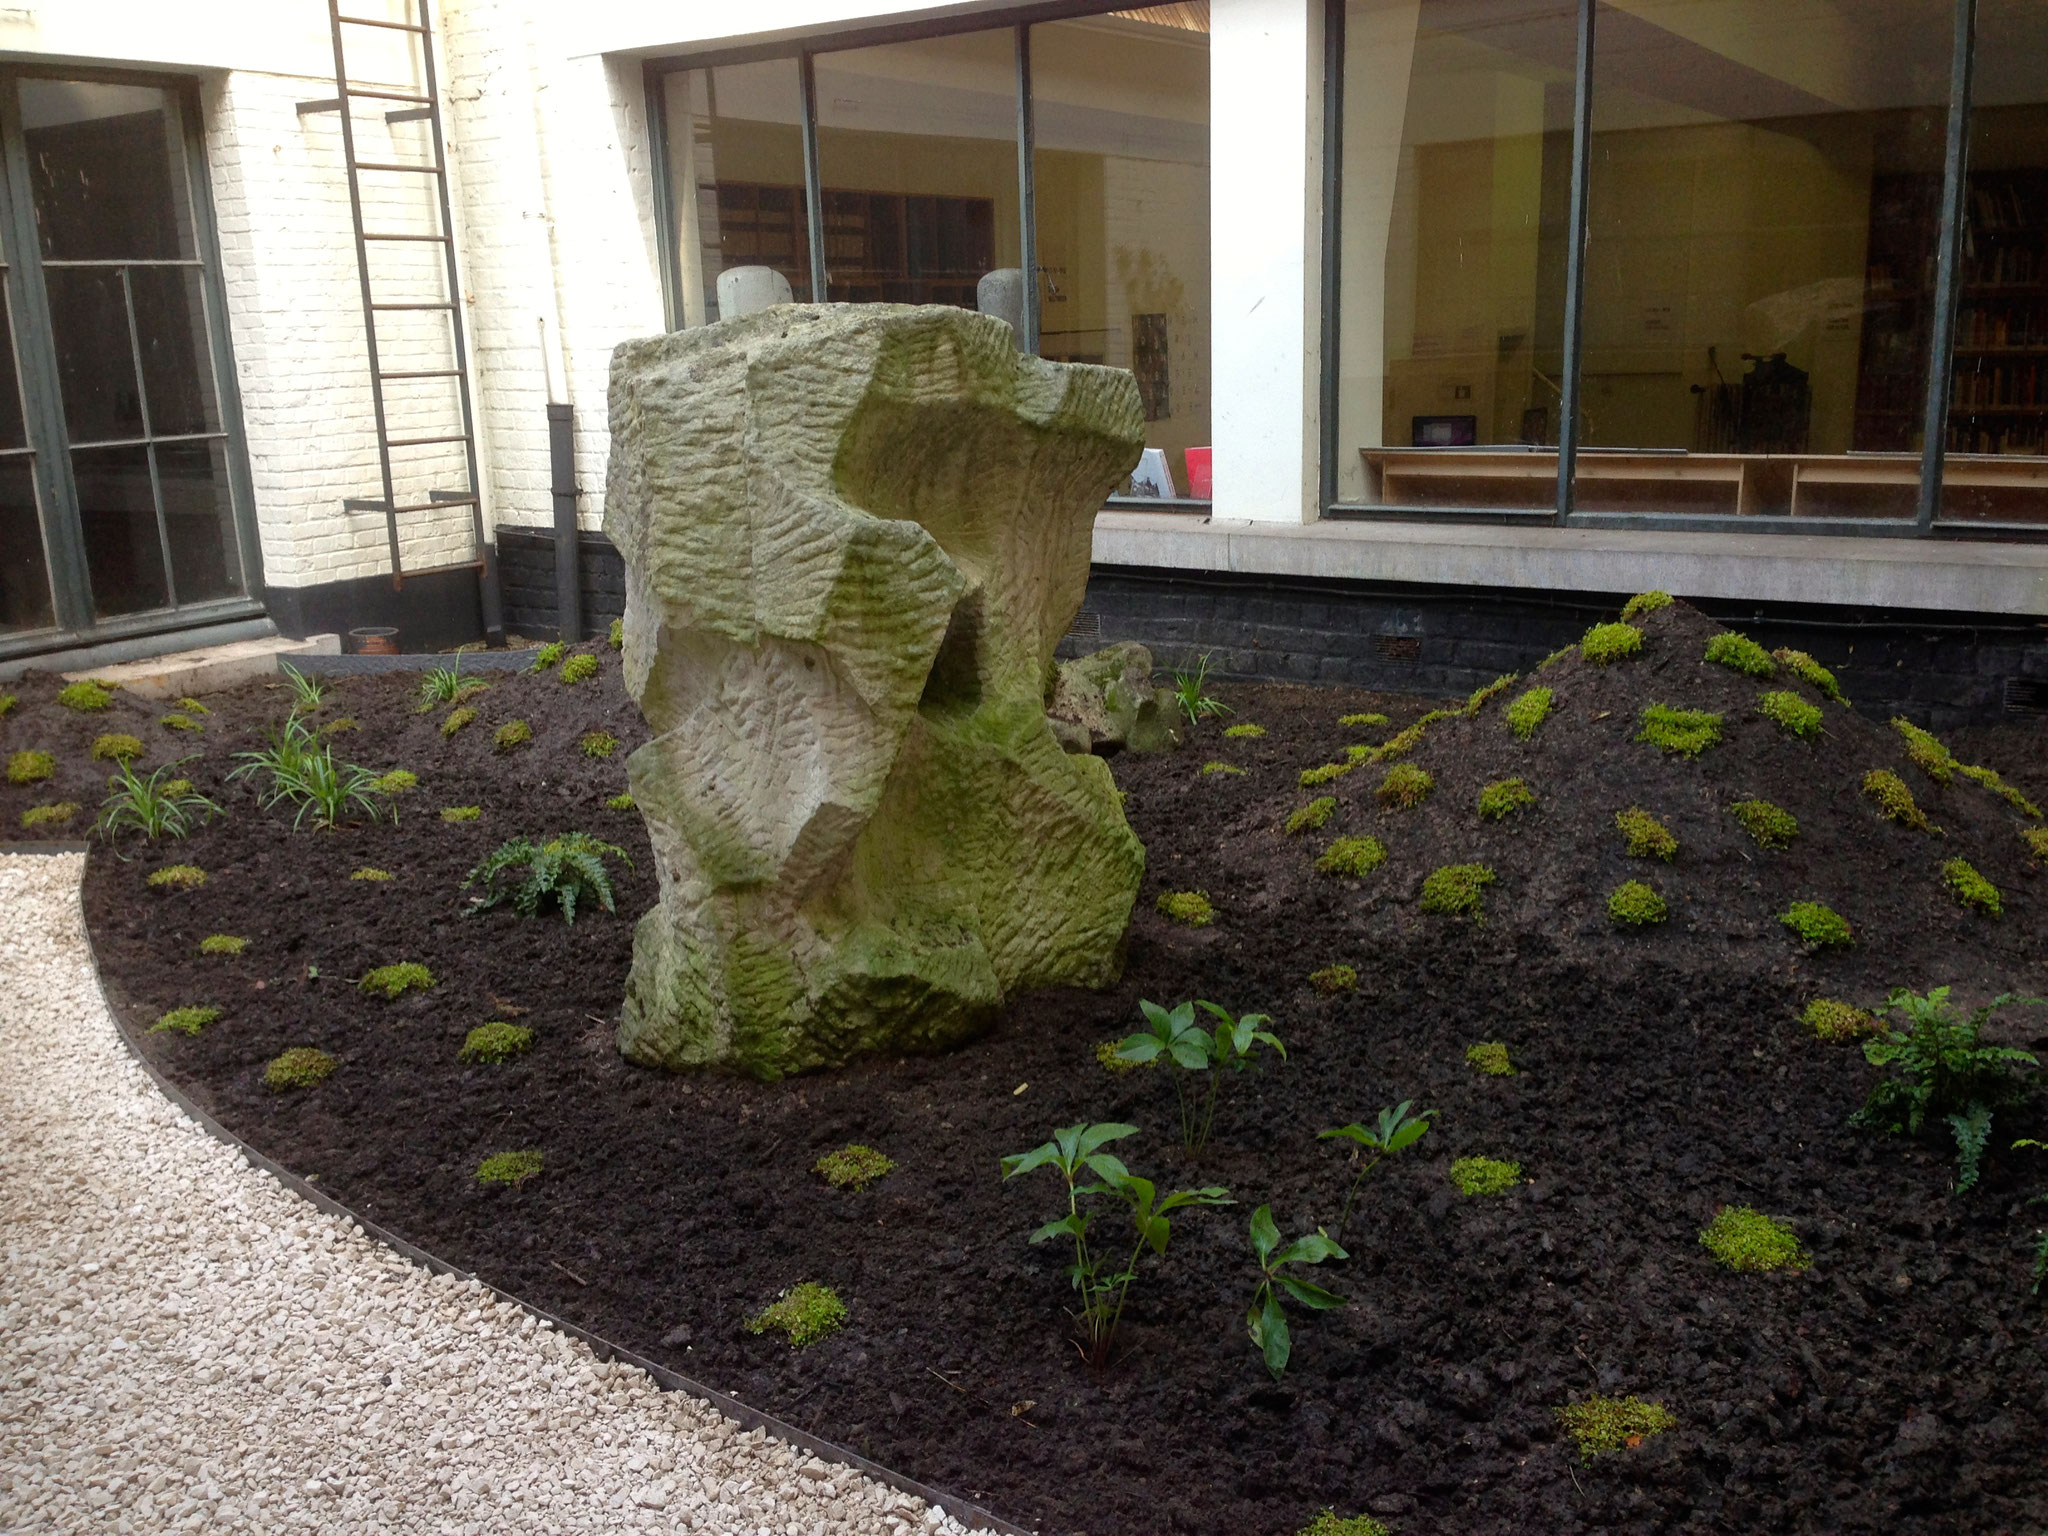 Cour de 60m2 - Style japonais - Année 0. Amenagement jardin Bruxelles